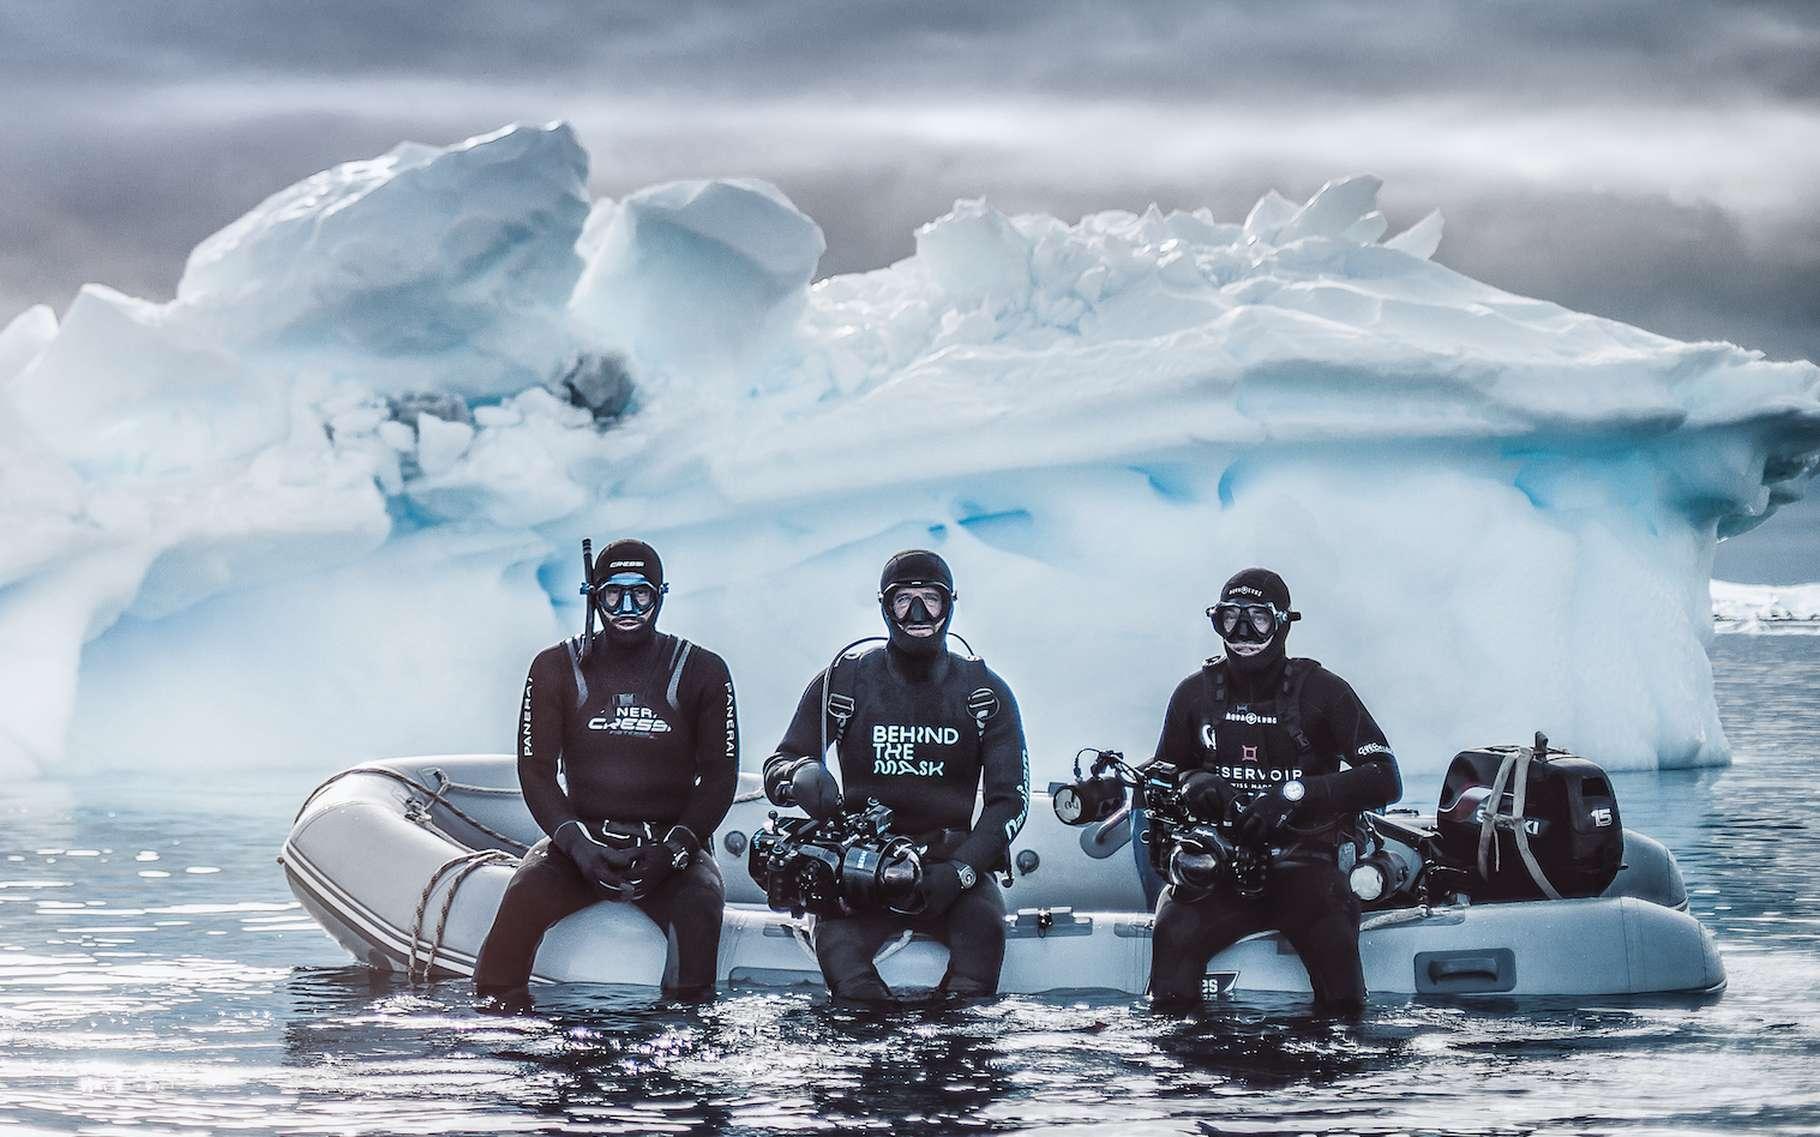 En compagnie de l'apnéiste Guillaume Nery et du caméraman Florian Fisher, le photographe Greg Lecoeur a plongé dans les eaux glacées de l'Antarctique. Il nous ramène de cet écosystème hostile et fragile, des images rares et merveilleuses. © Greg Lecoeur, Tous droits réservés